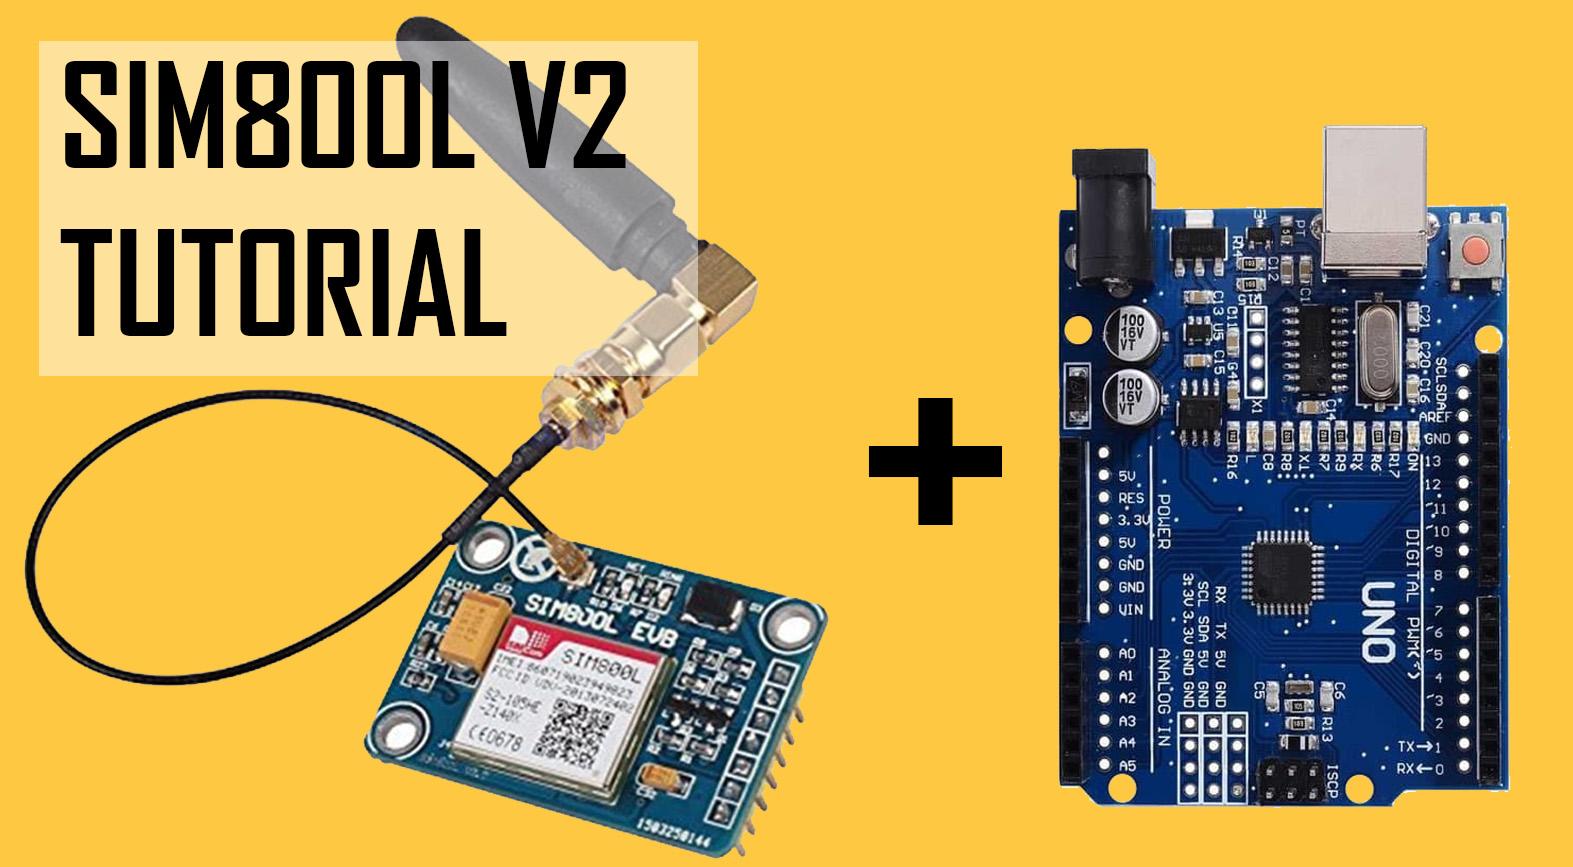 SIM800L V2 with arduino